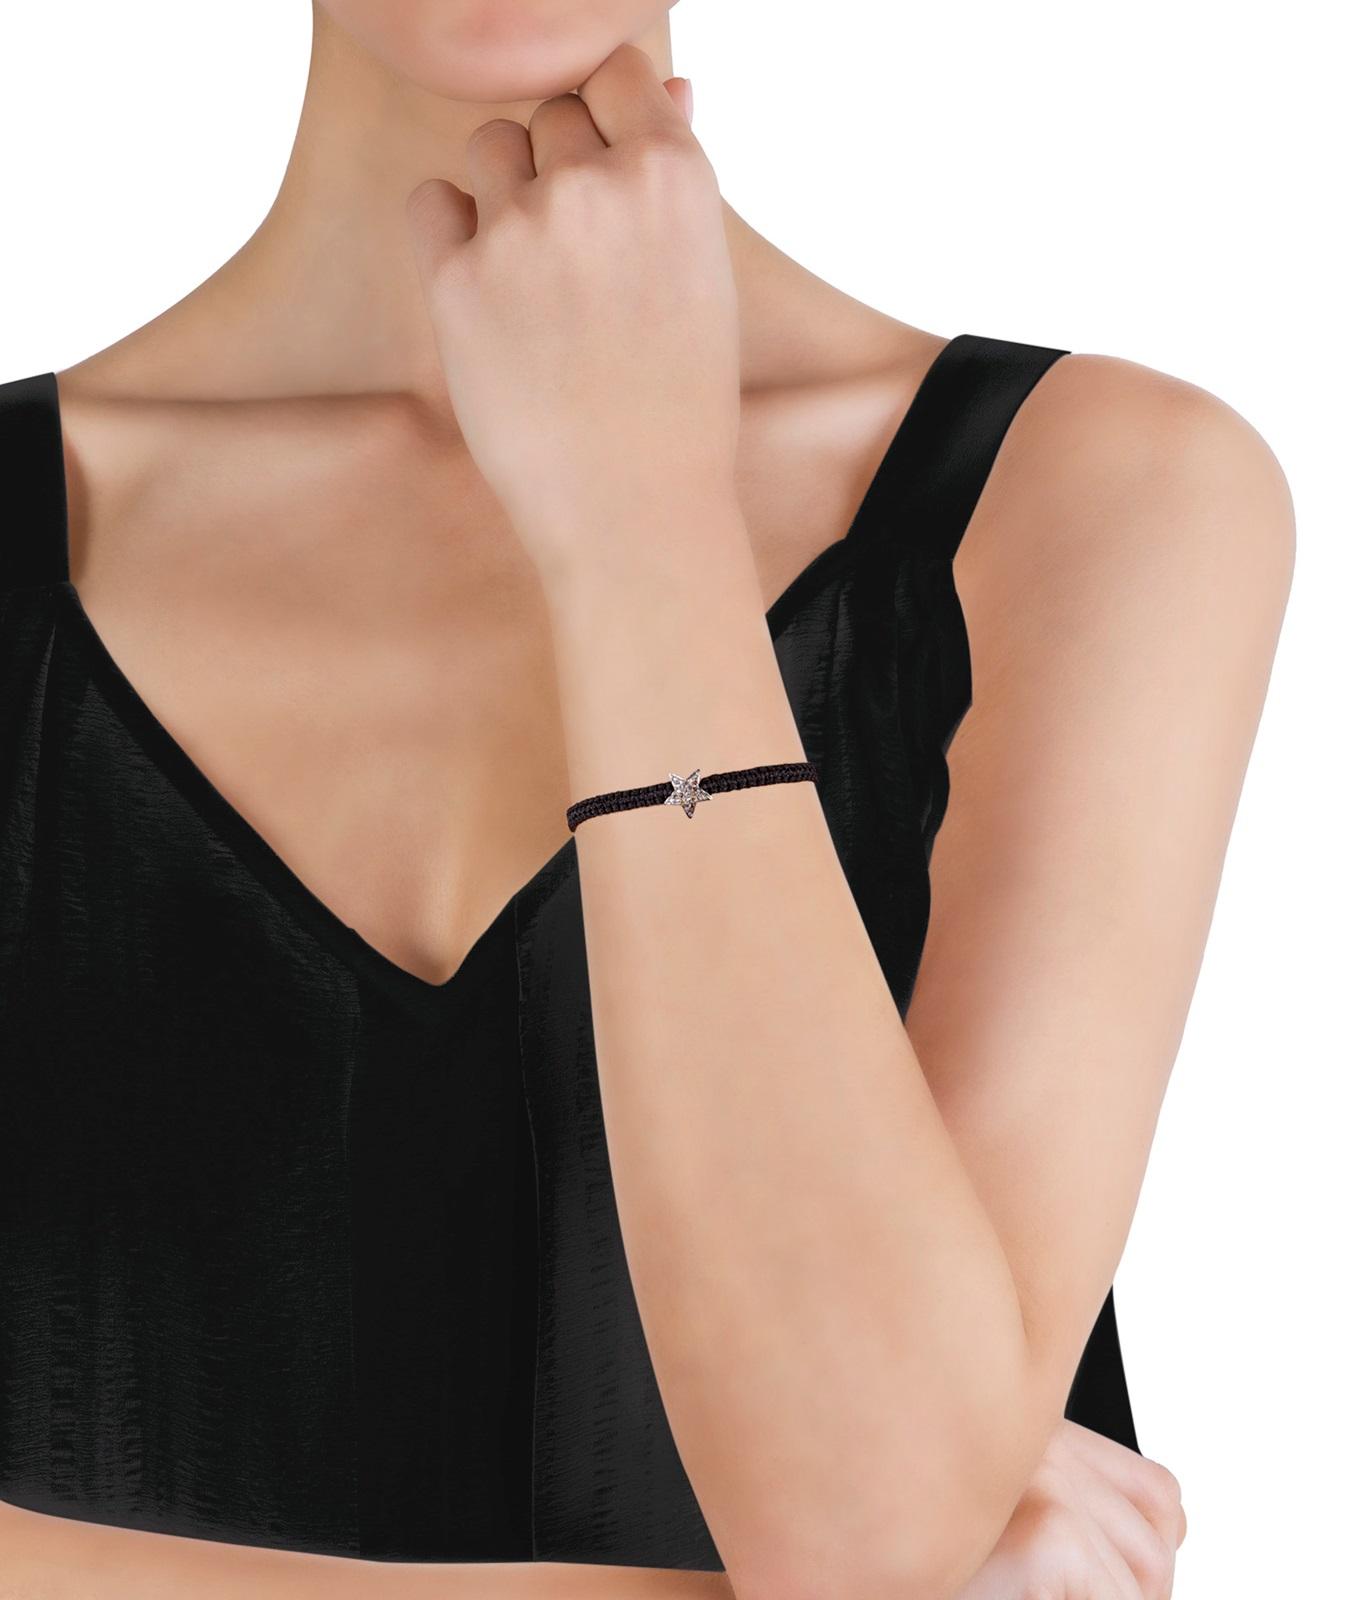 Kays Jewelry | Ileana Makri | Jewelry Television